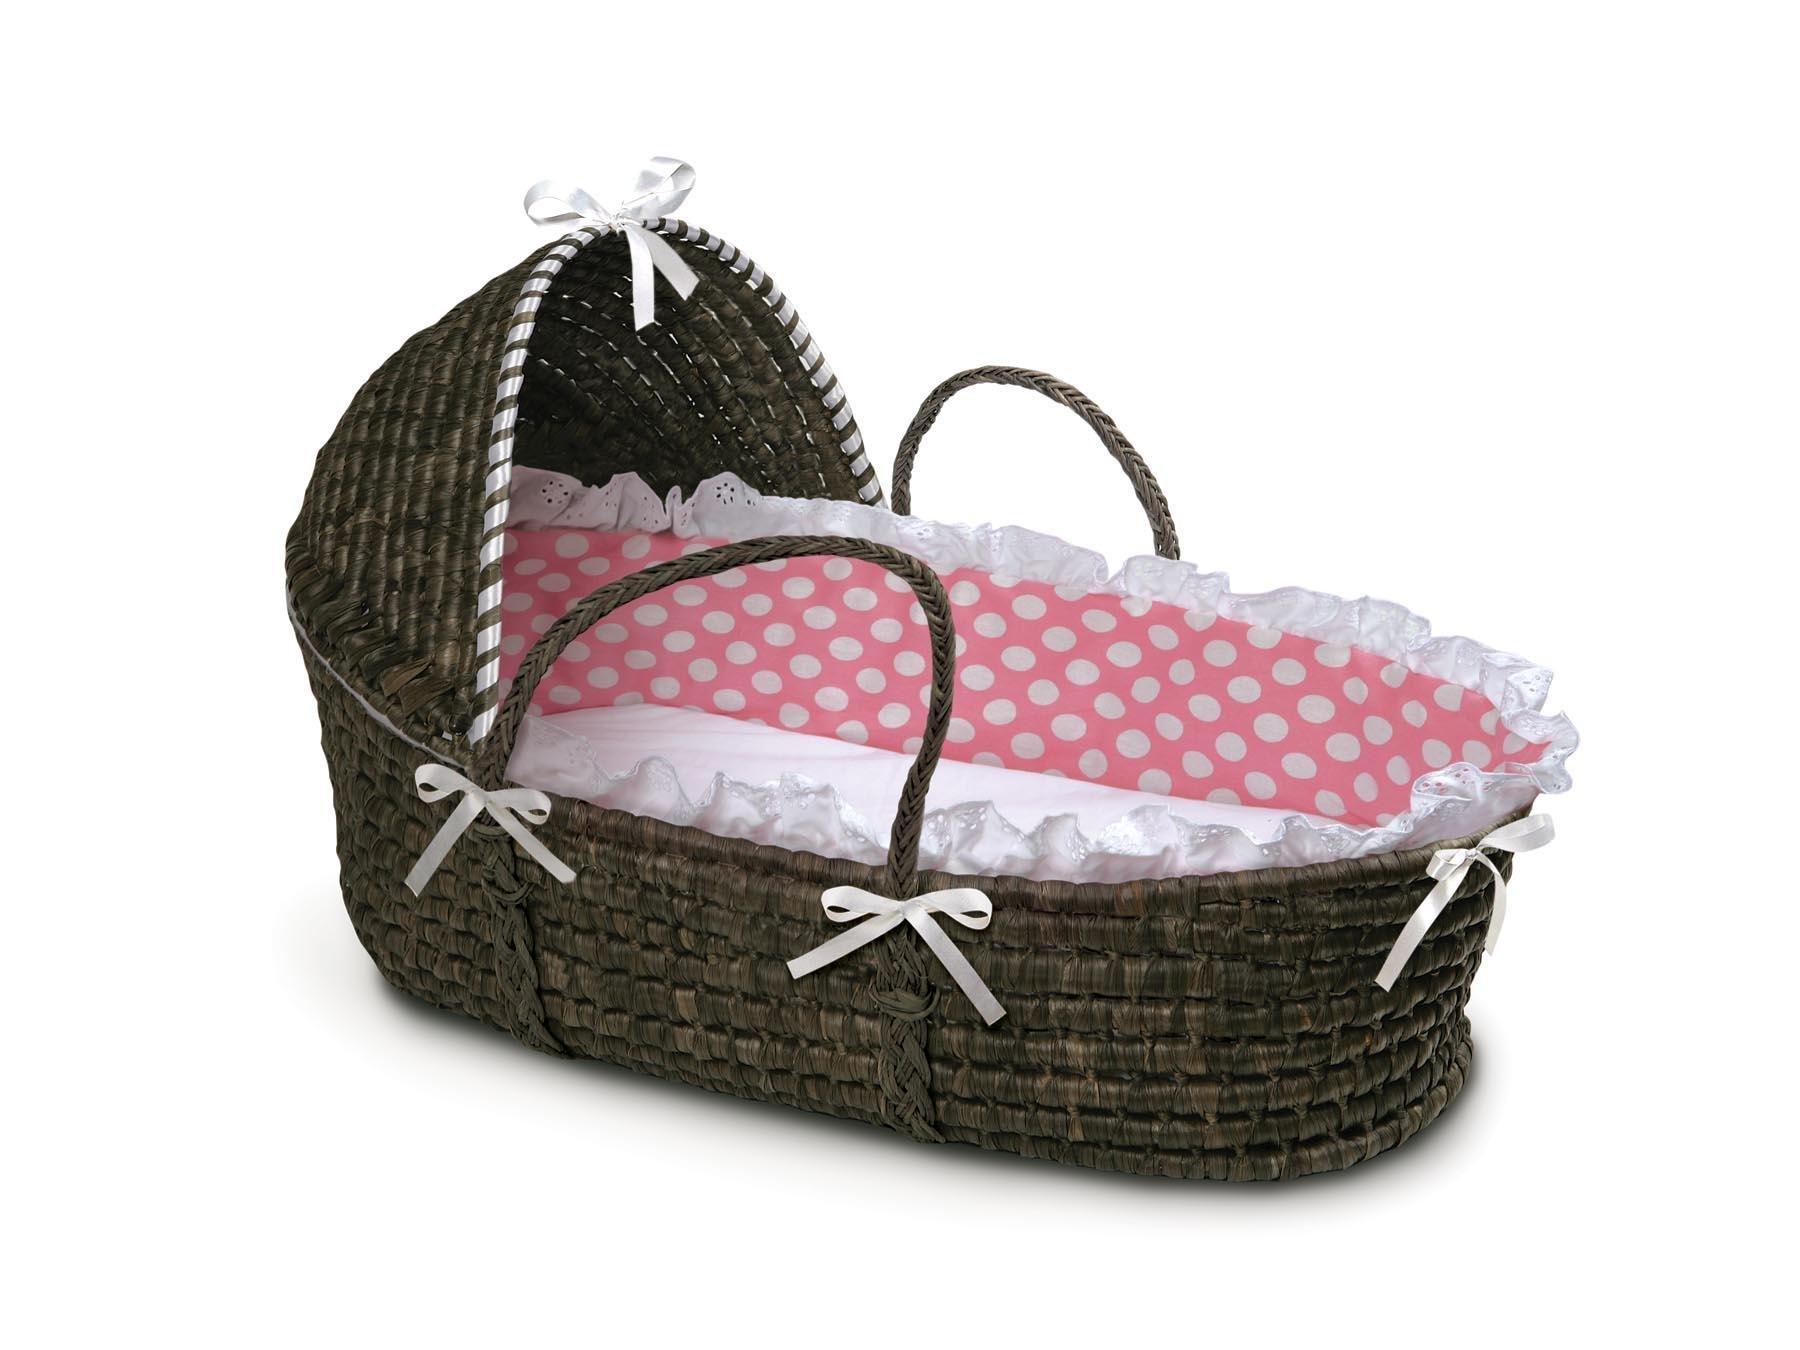 Hooded Moses Basket Espresso/Pink Polka Dot by Badger Basket